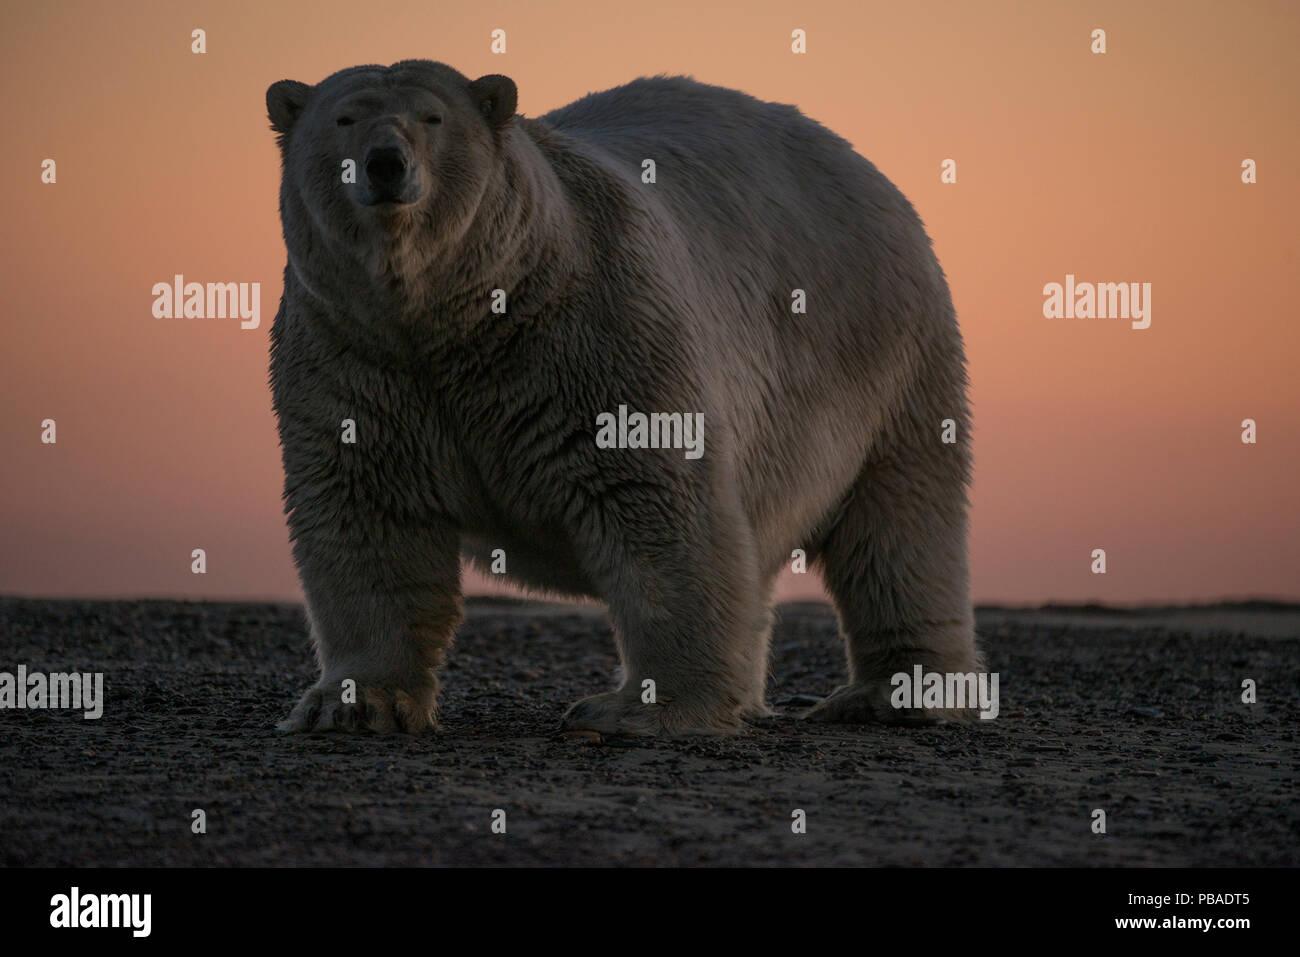 L'ours polaire (Ursus maritimus) portrait contre le ciel au coucher du soleil, Bernard Spit, au large de la zone 1002, l'Arctic National Wildlife Refuge, versant nord, Alaska, USA, septembre. Les espèces vulnérables. Photo Stock